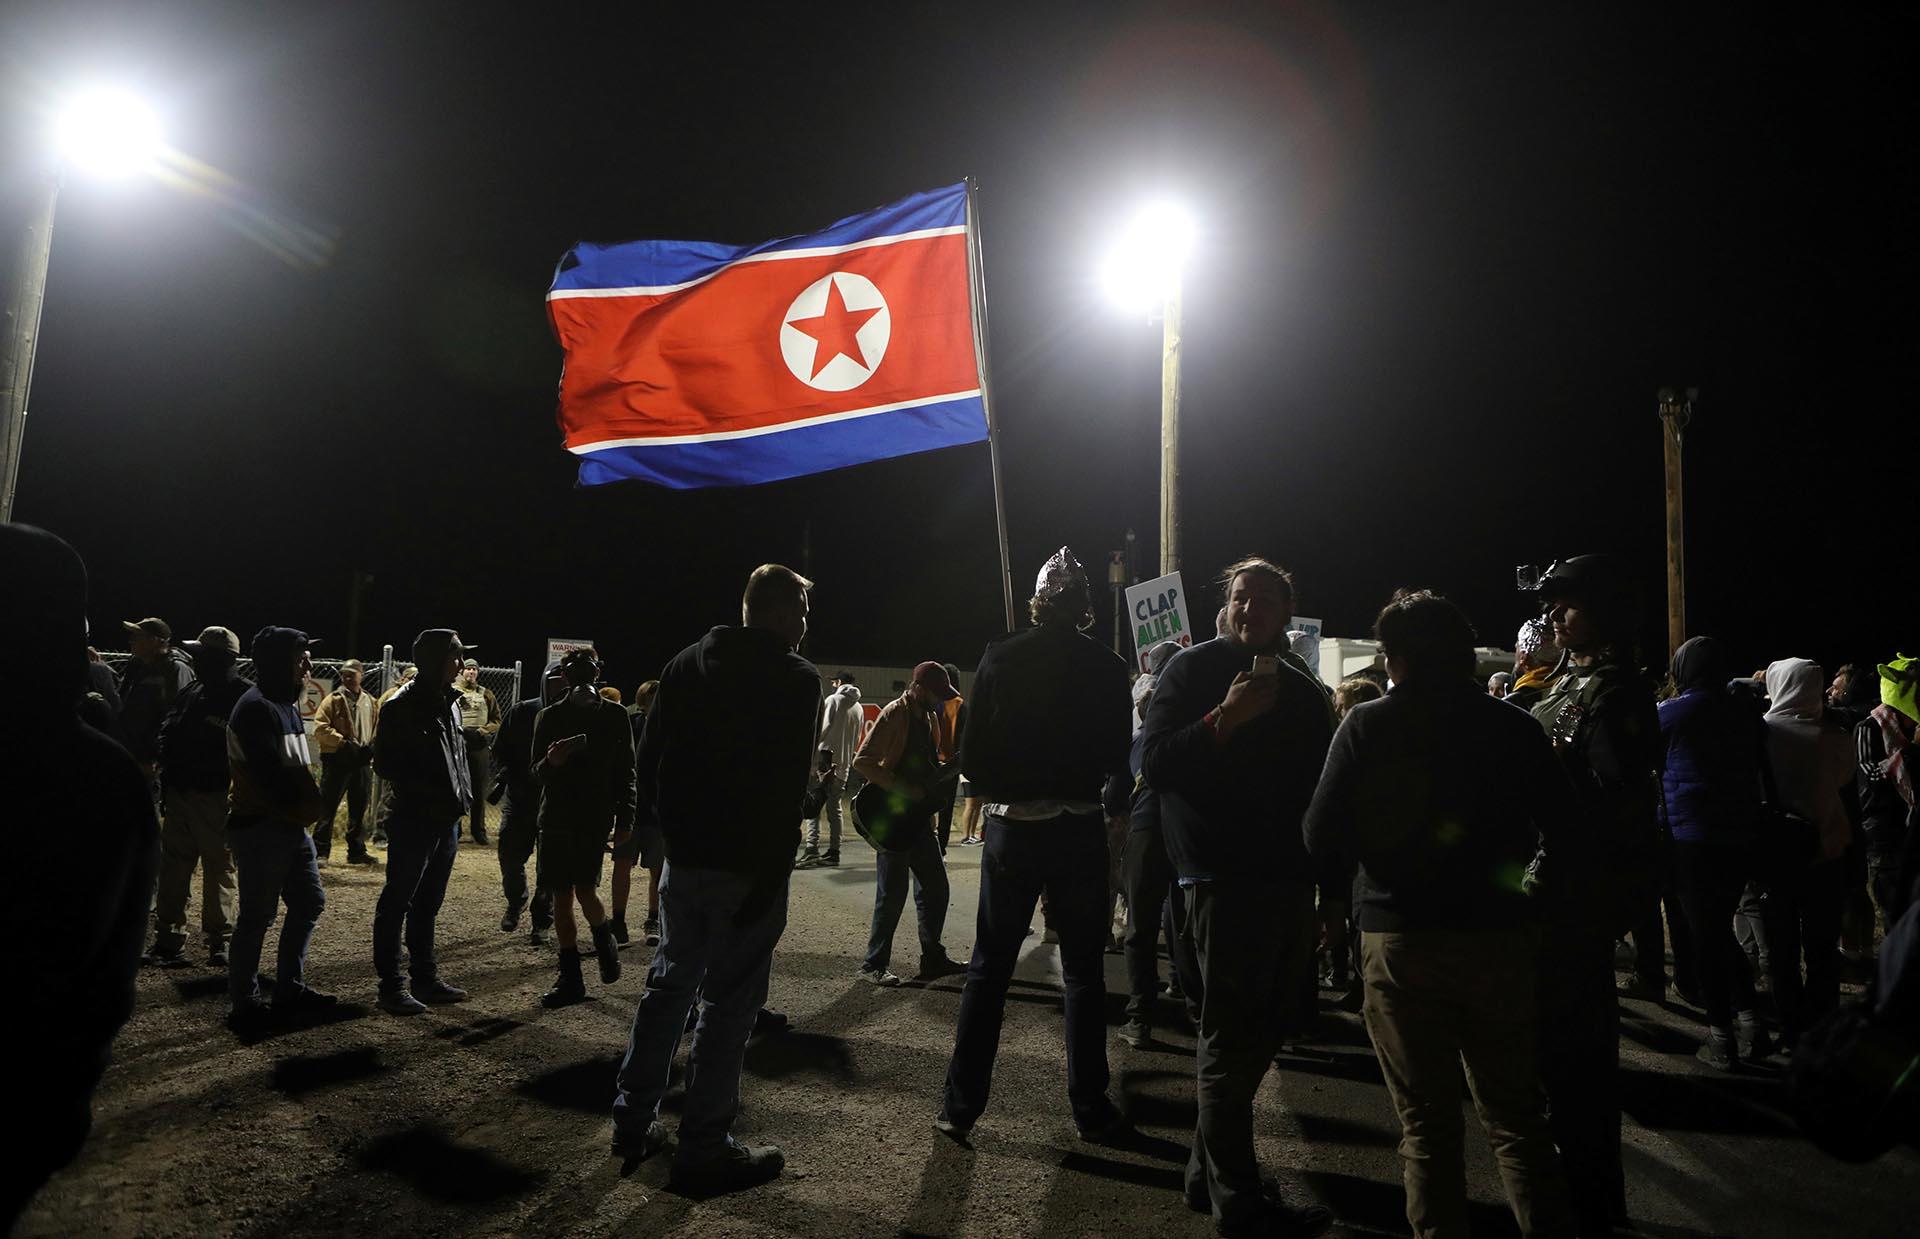 Por razones aún desconocidas, también se ondeó una bandera norcoreana entre los congregados (REUTERS/Jim Urquhart)